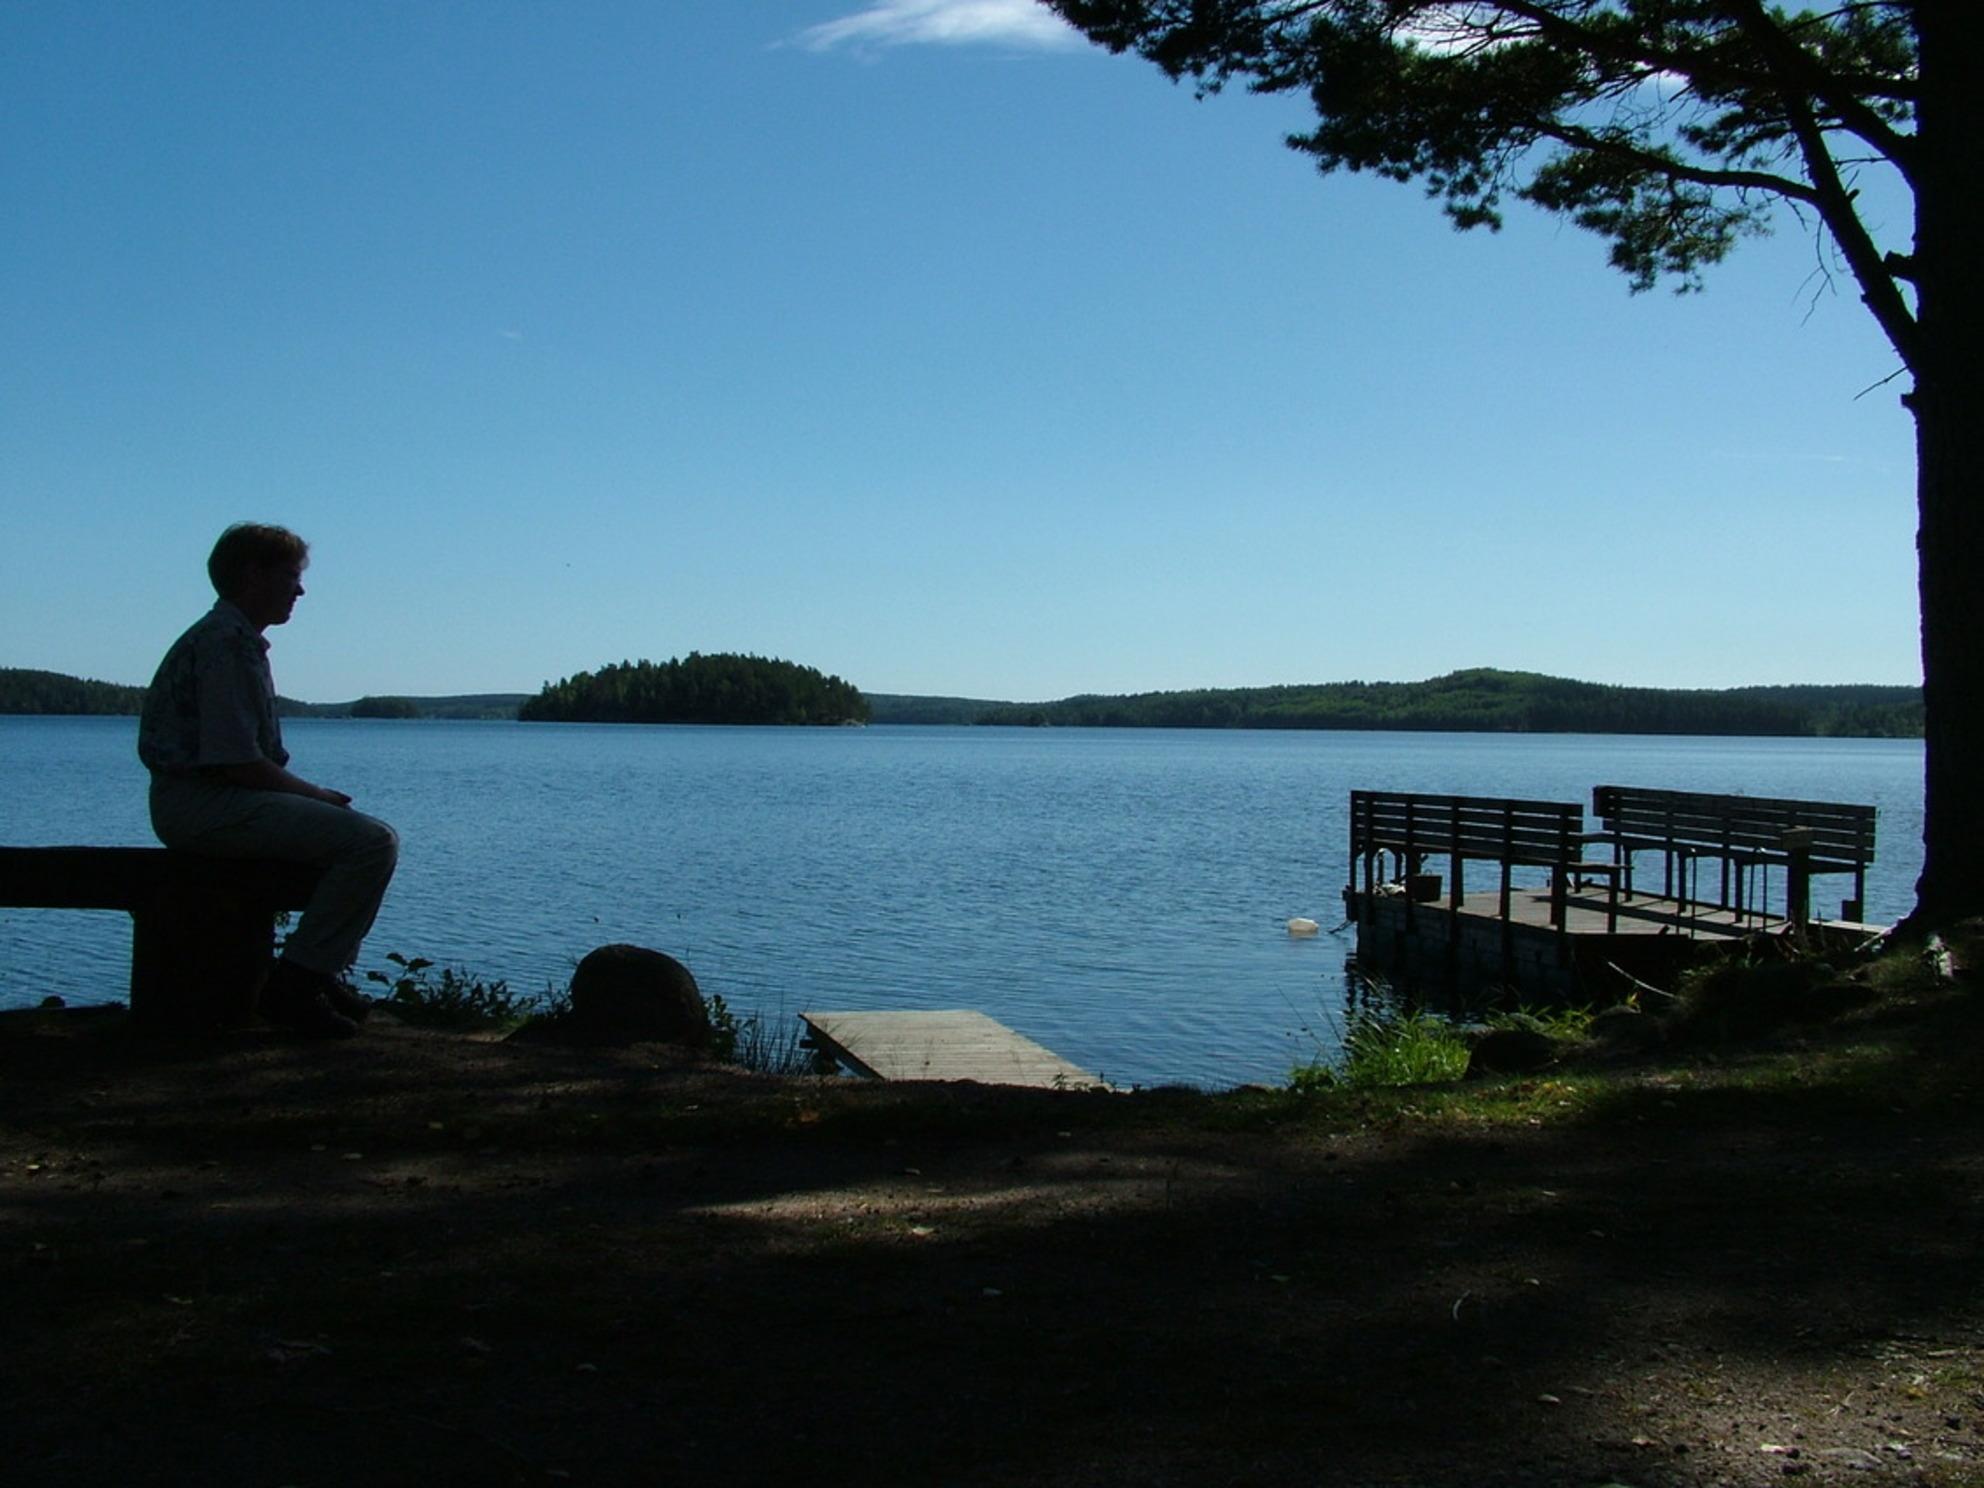 Rust en ruimte - Tijdens een pauze stop aan een meertje in Zweden aan het experimenteren met de camera. - foto door aurora37 op 04-04-2010 - deze foto bevat: vakantie, tegenlicht - Deze foto mag gebruikt worden in een Zoom.nl publicatie